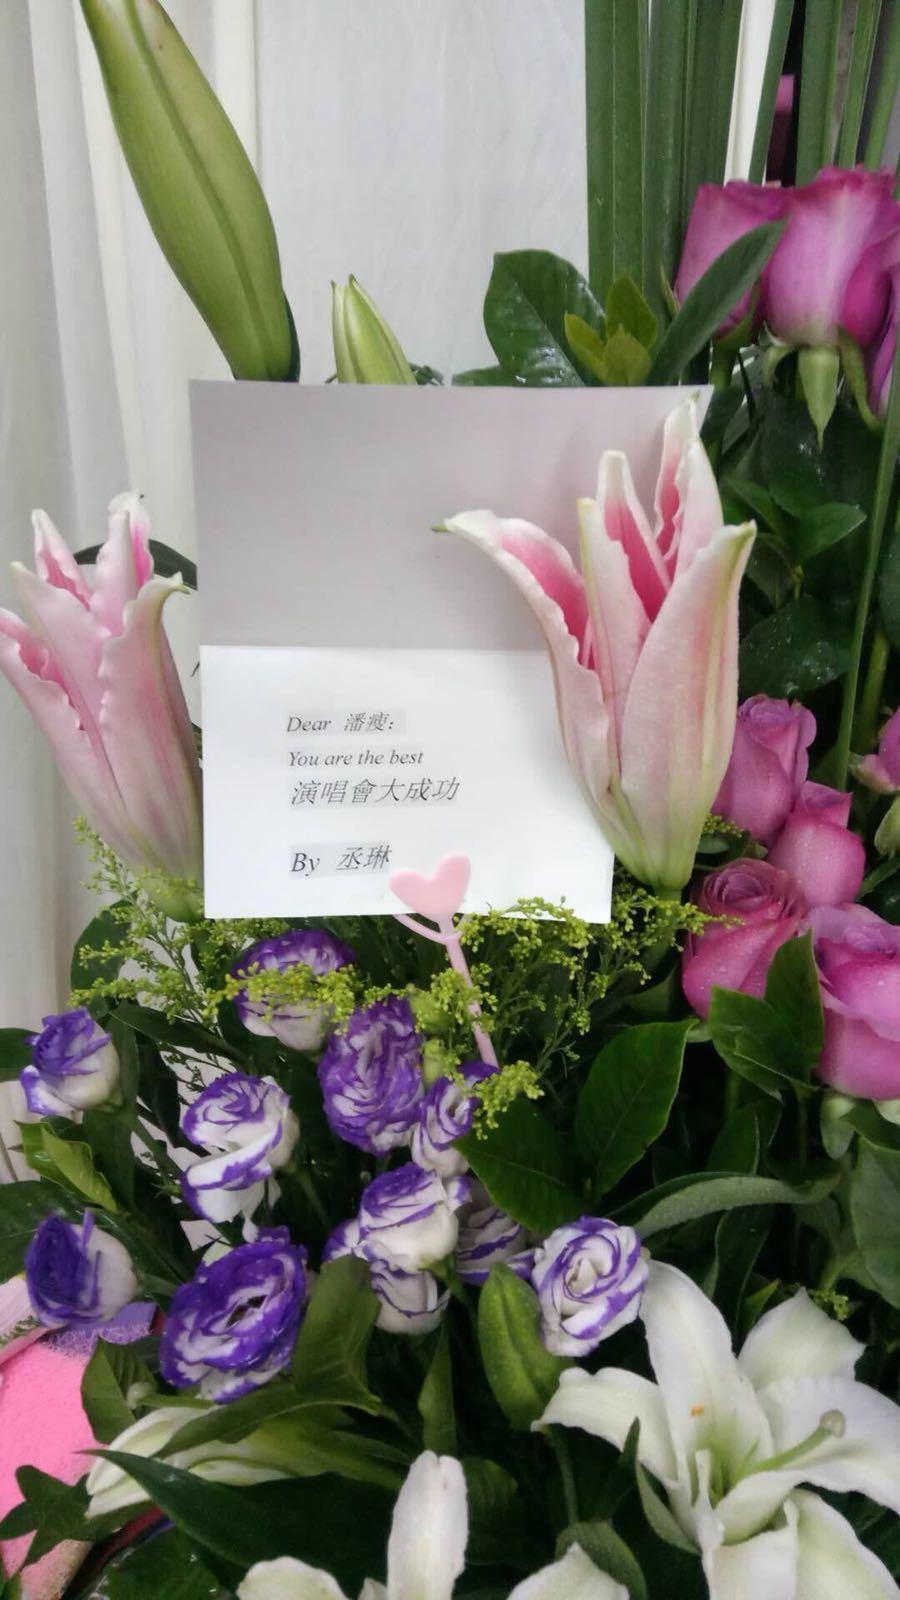 潘瑋柏「Alpha 創使者世界巡迴演唱會」21日在北京舉辦首場,楊丞琳送花為他加...